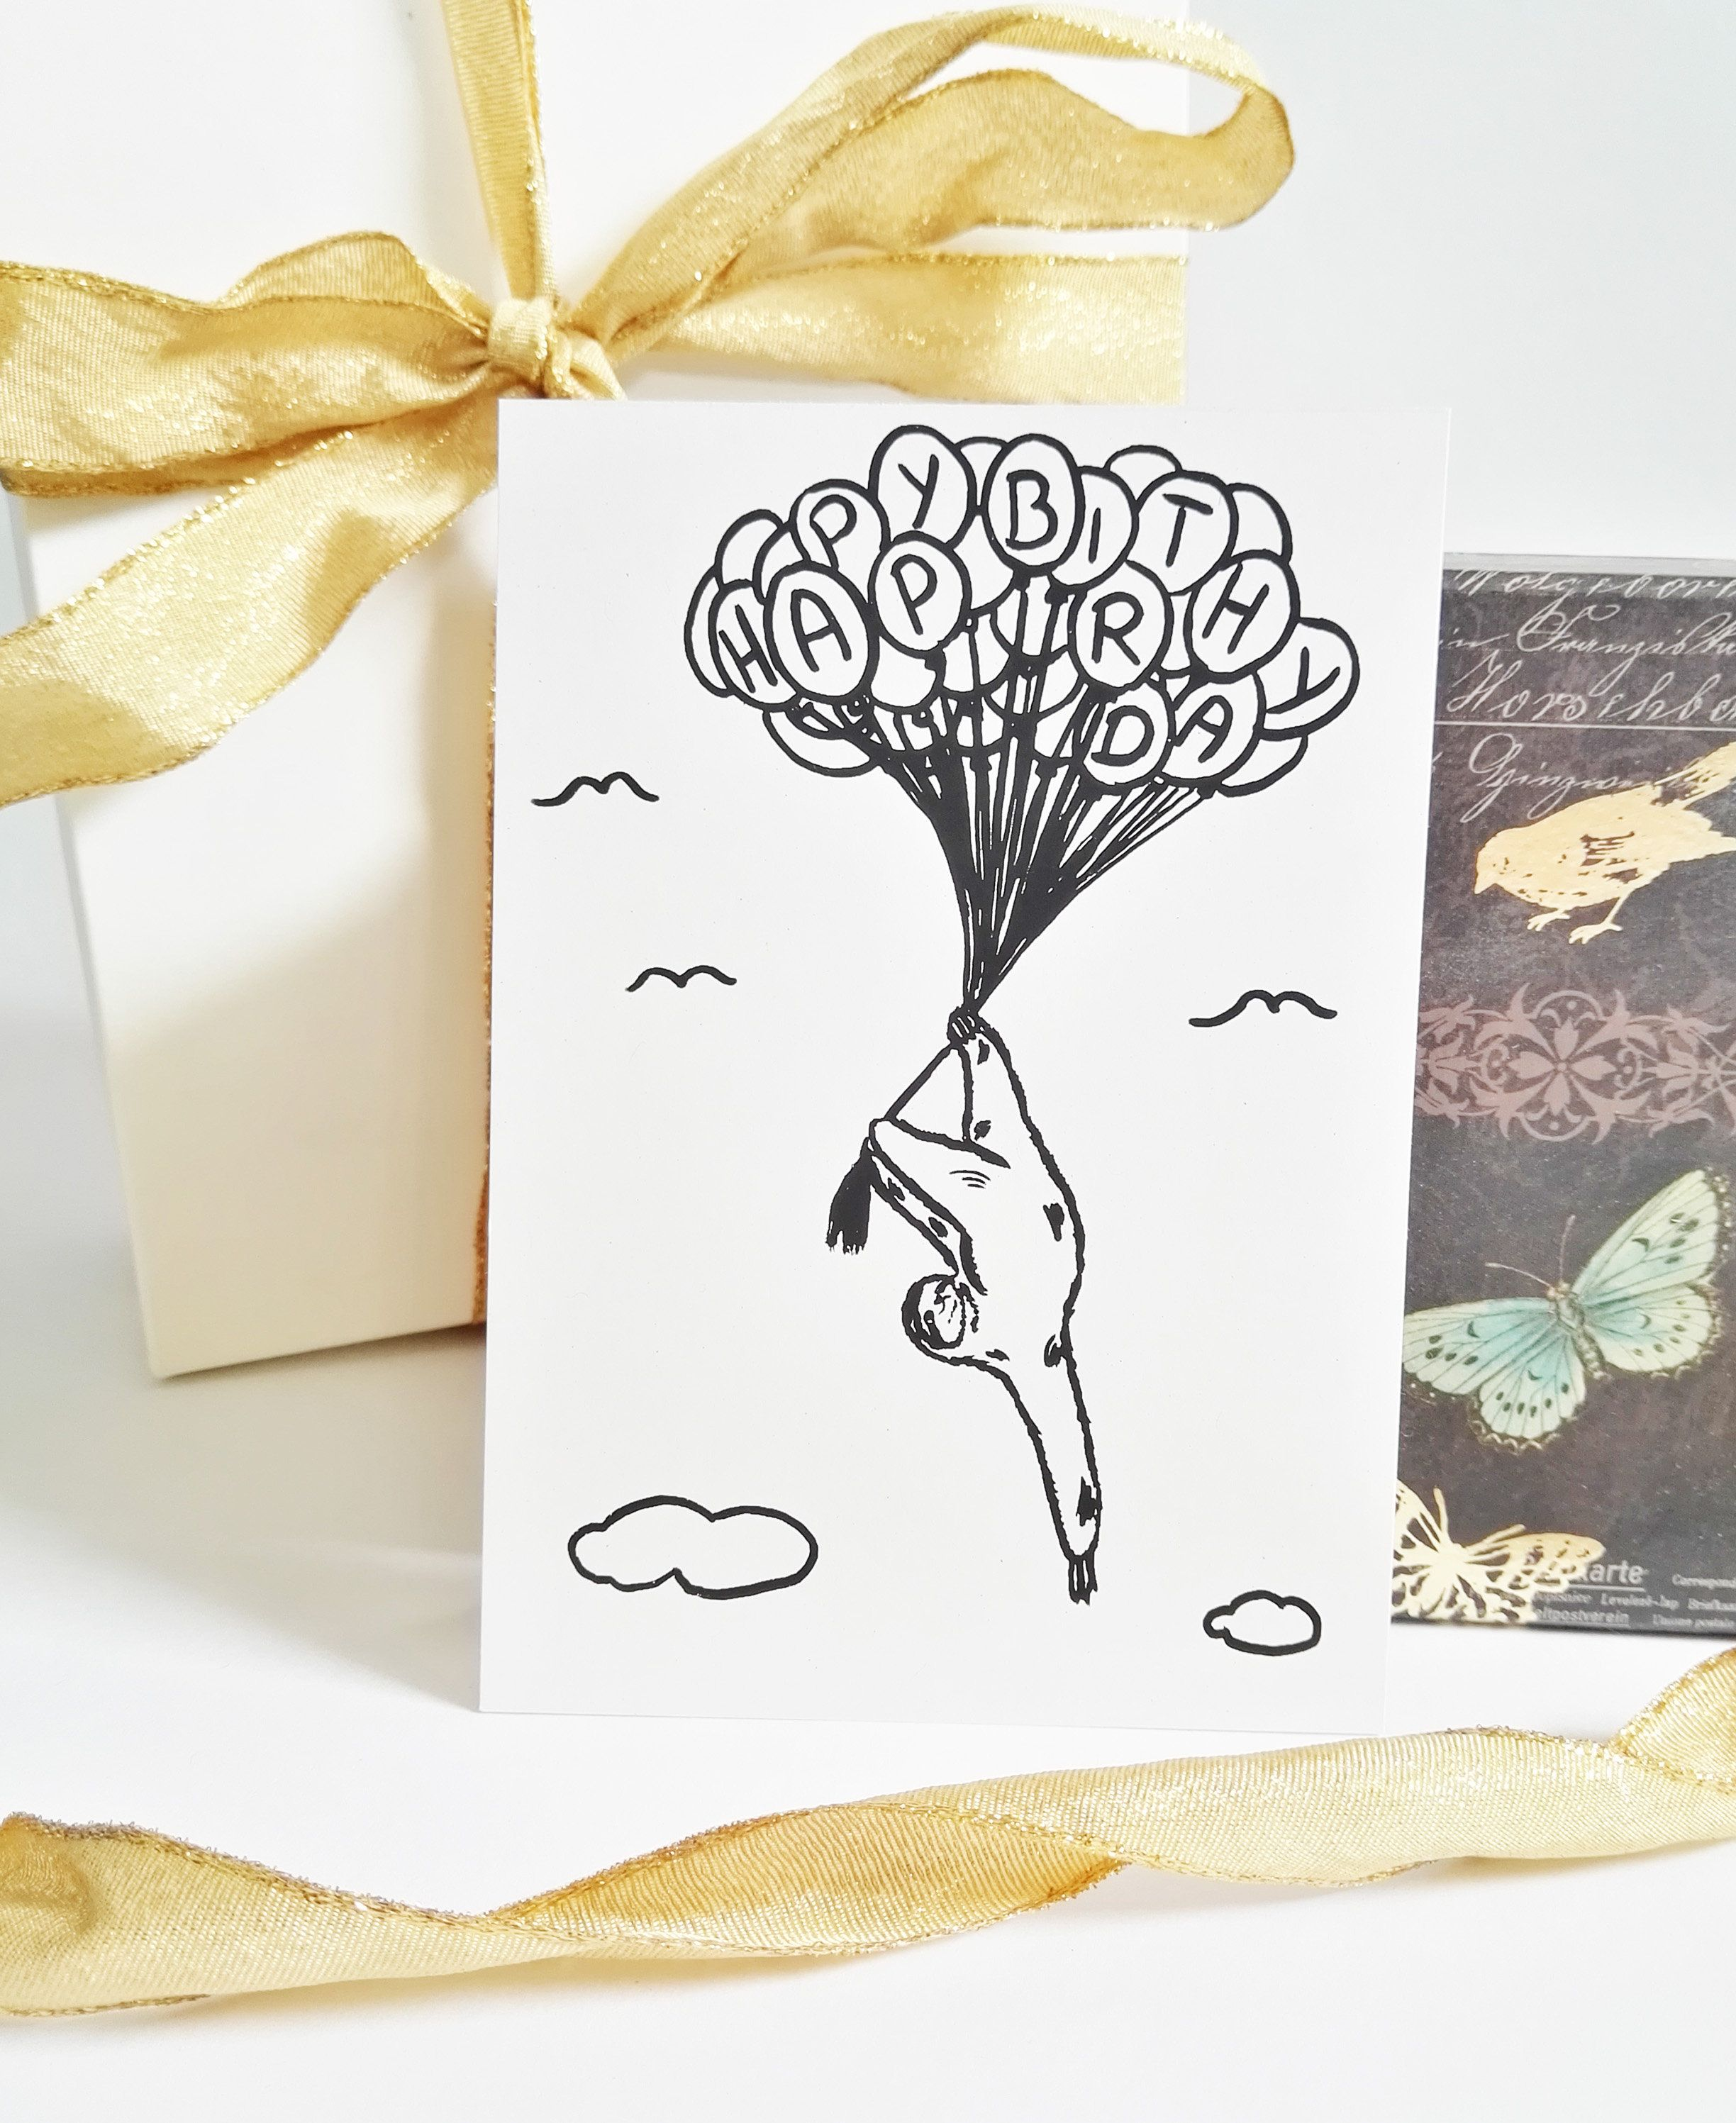 Lustige Geburtstagskarte Mit Faultier Faultier Geburtstagskarte